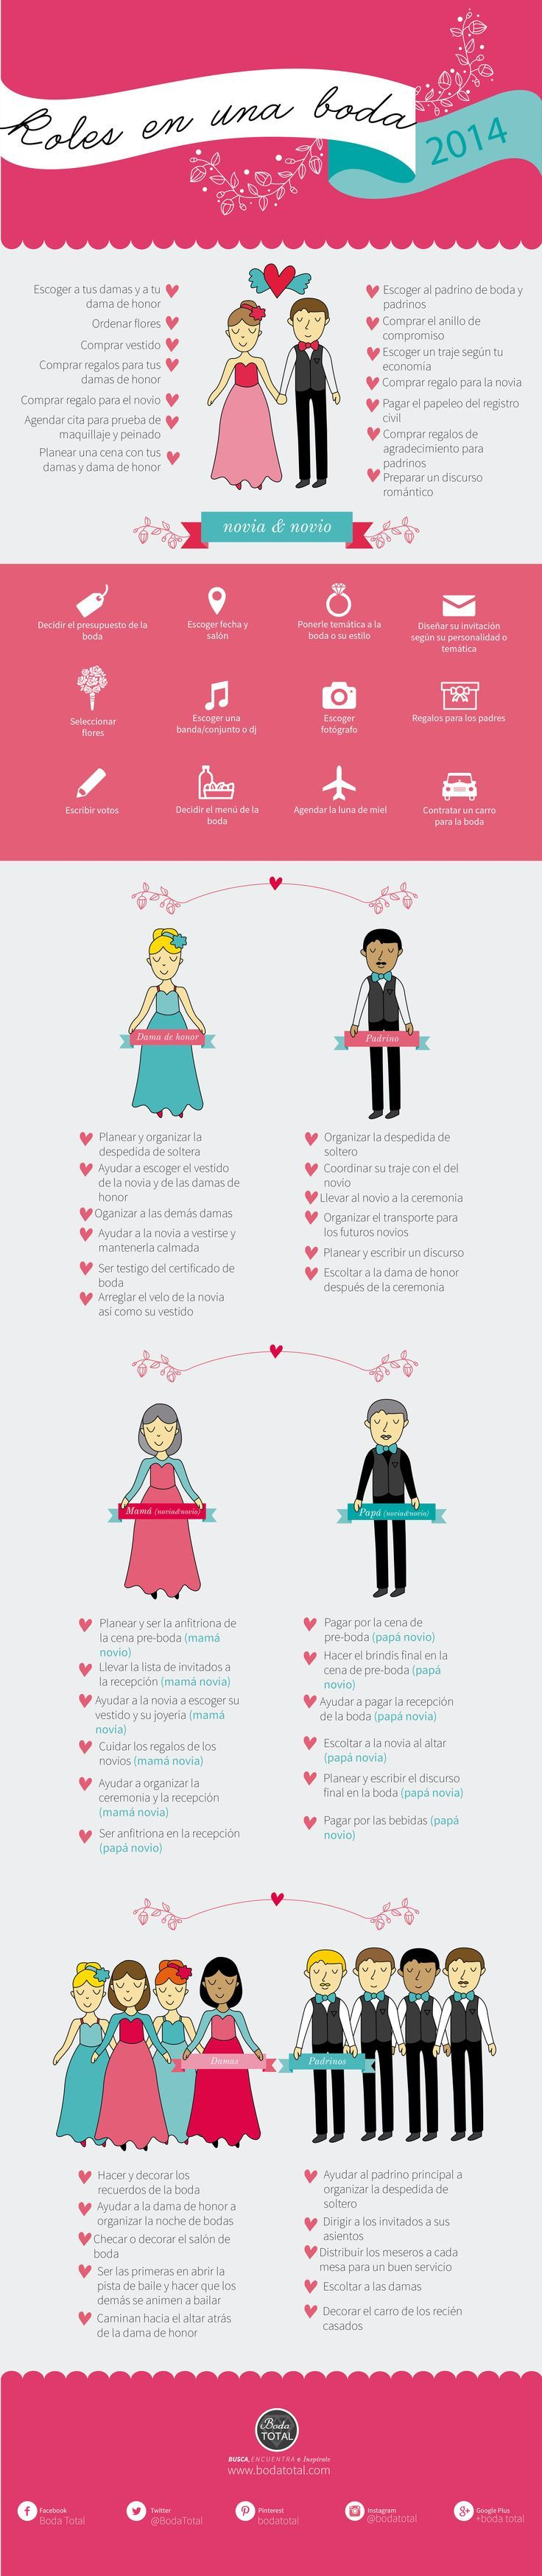 Guerra de los sexos ¿Hasta en la boda? | Boda Total